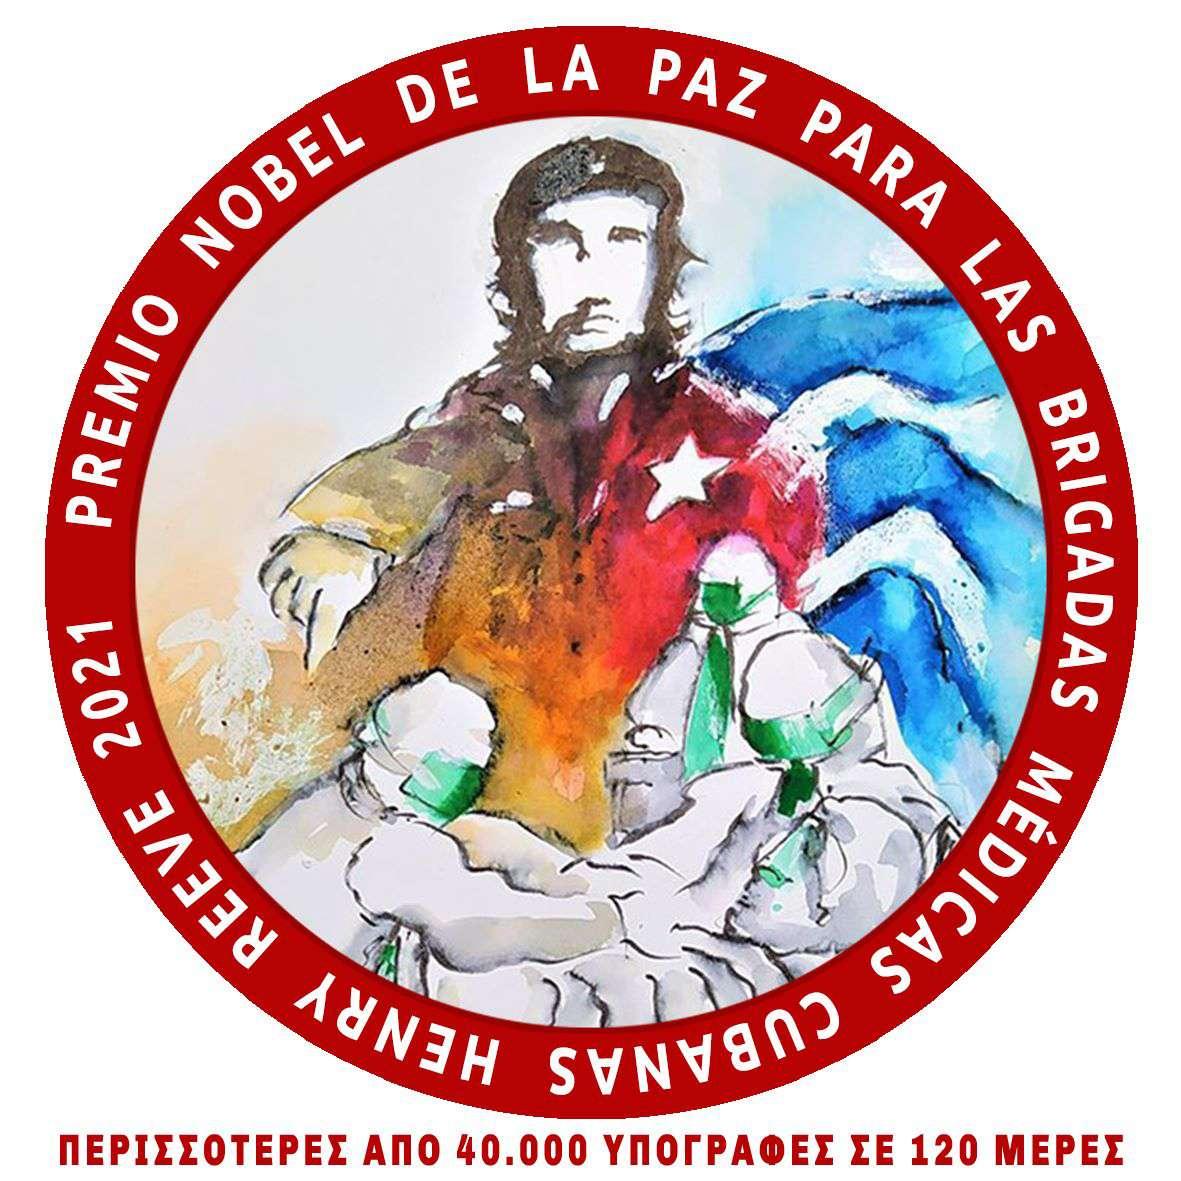 Premio Nobel de la Paz para las brigadas médicas cubanas Henry Reeve 2021 8